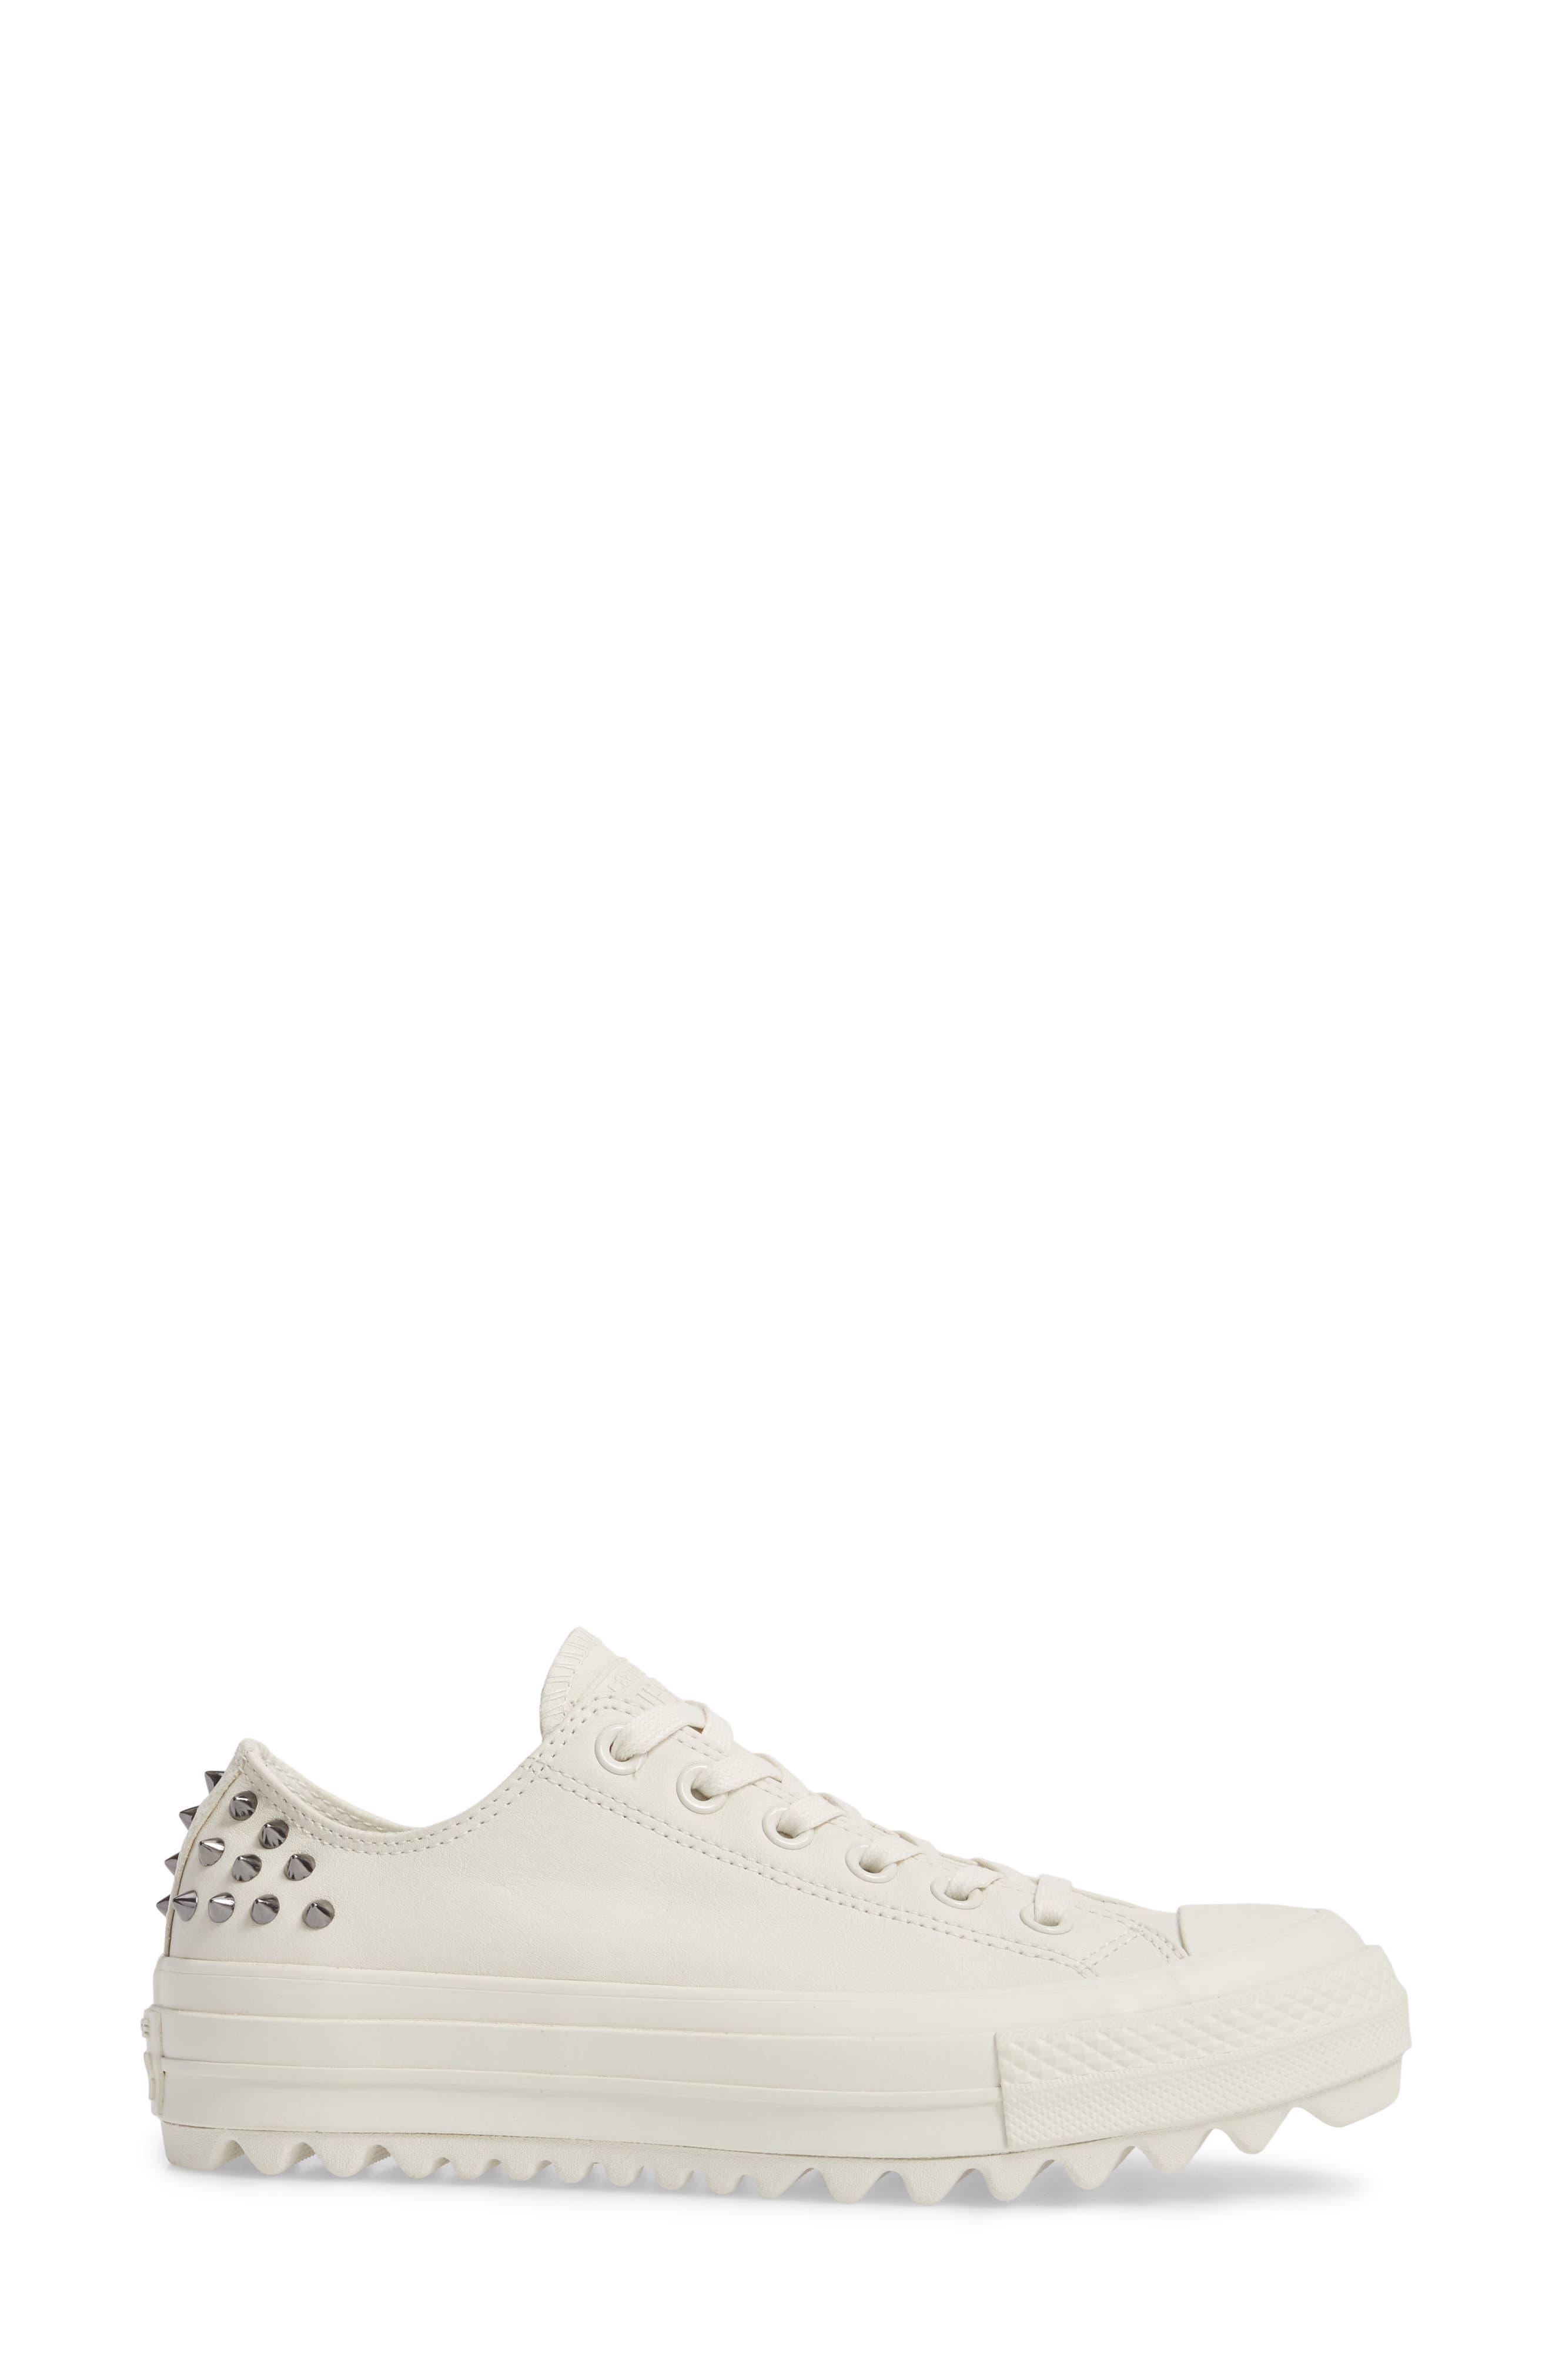 Studded Lift Ripple Sneaker,                             Alternate thumbnail 3, color,                             Vaporous Gray